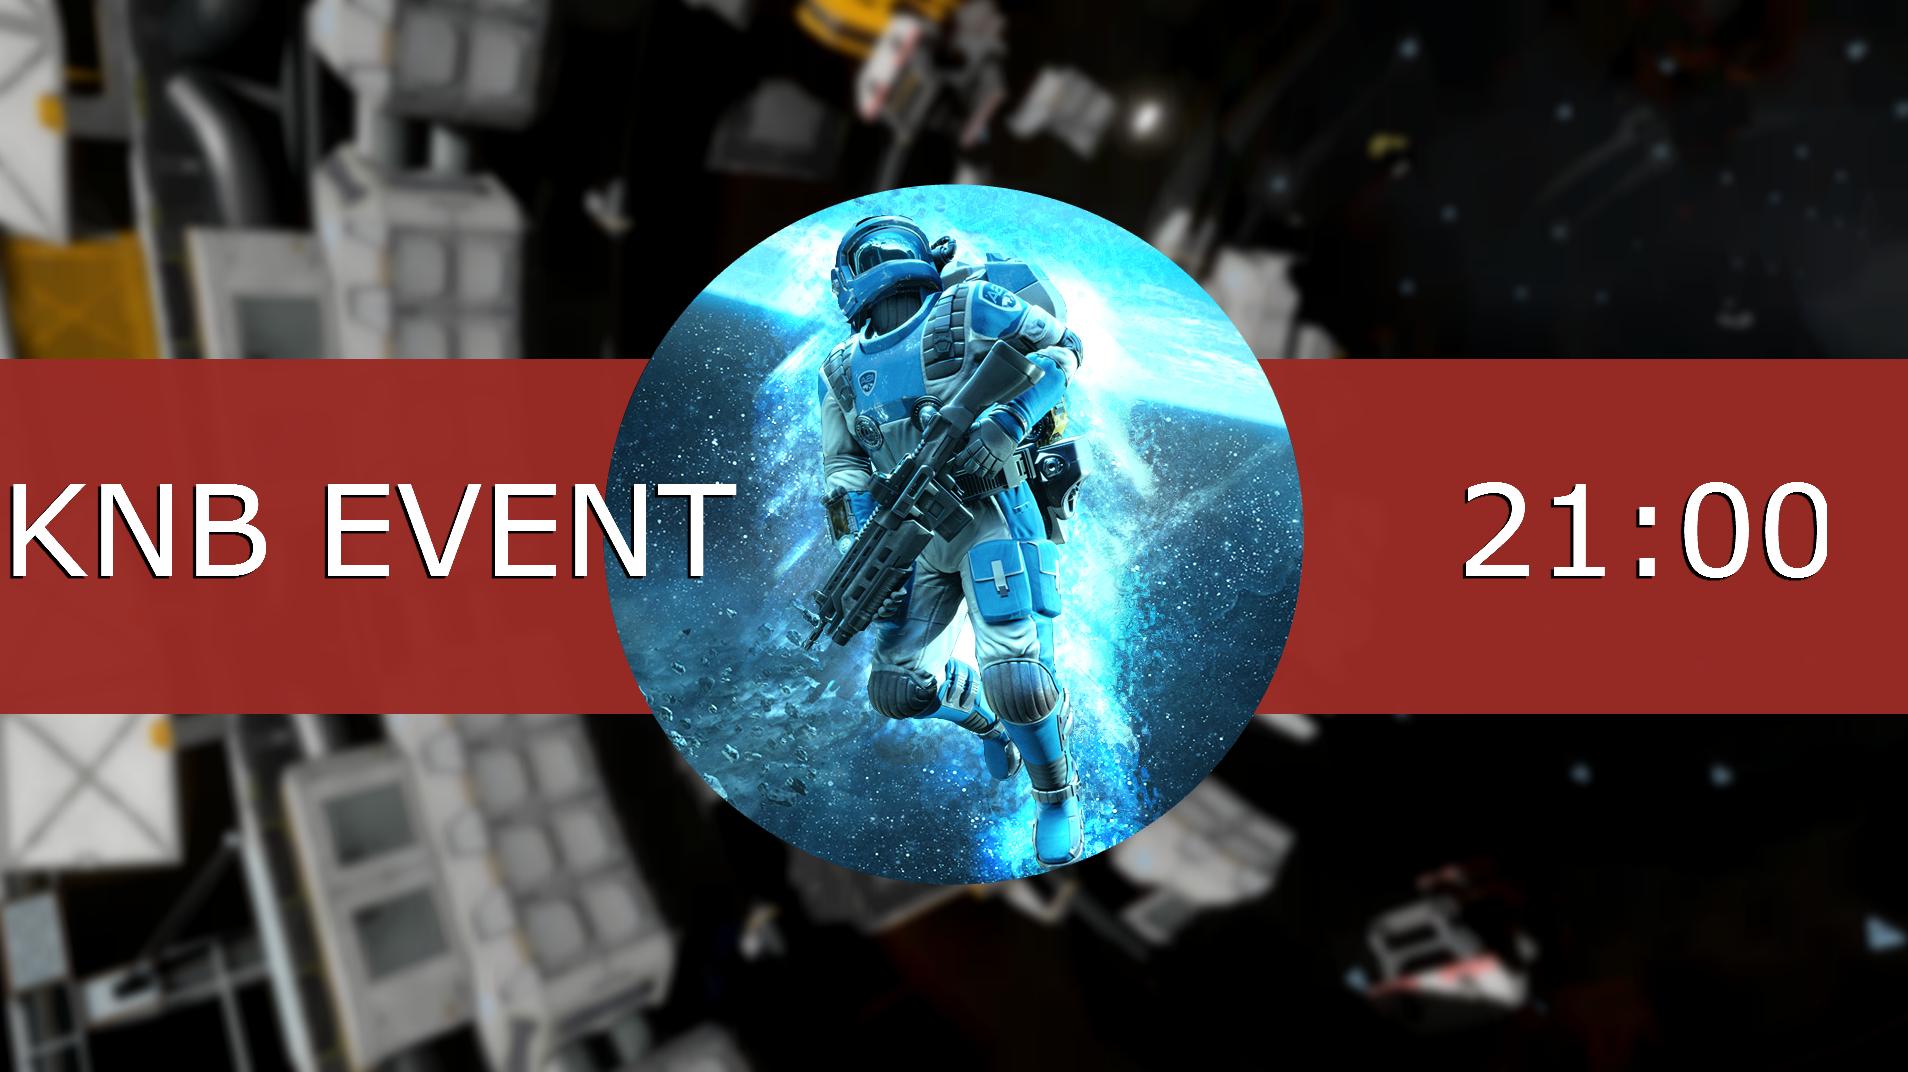 Все желающим предлагаю сегодня присоединится к эвенту по Shattered Horizon #knb_event #lfg Начало сегодня в 21:00 по .... - Изображение 1